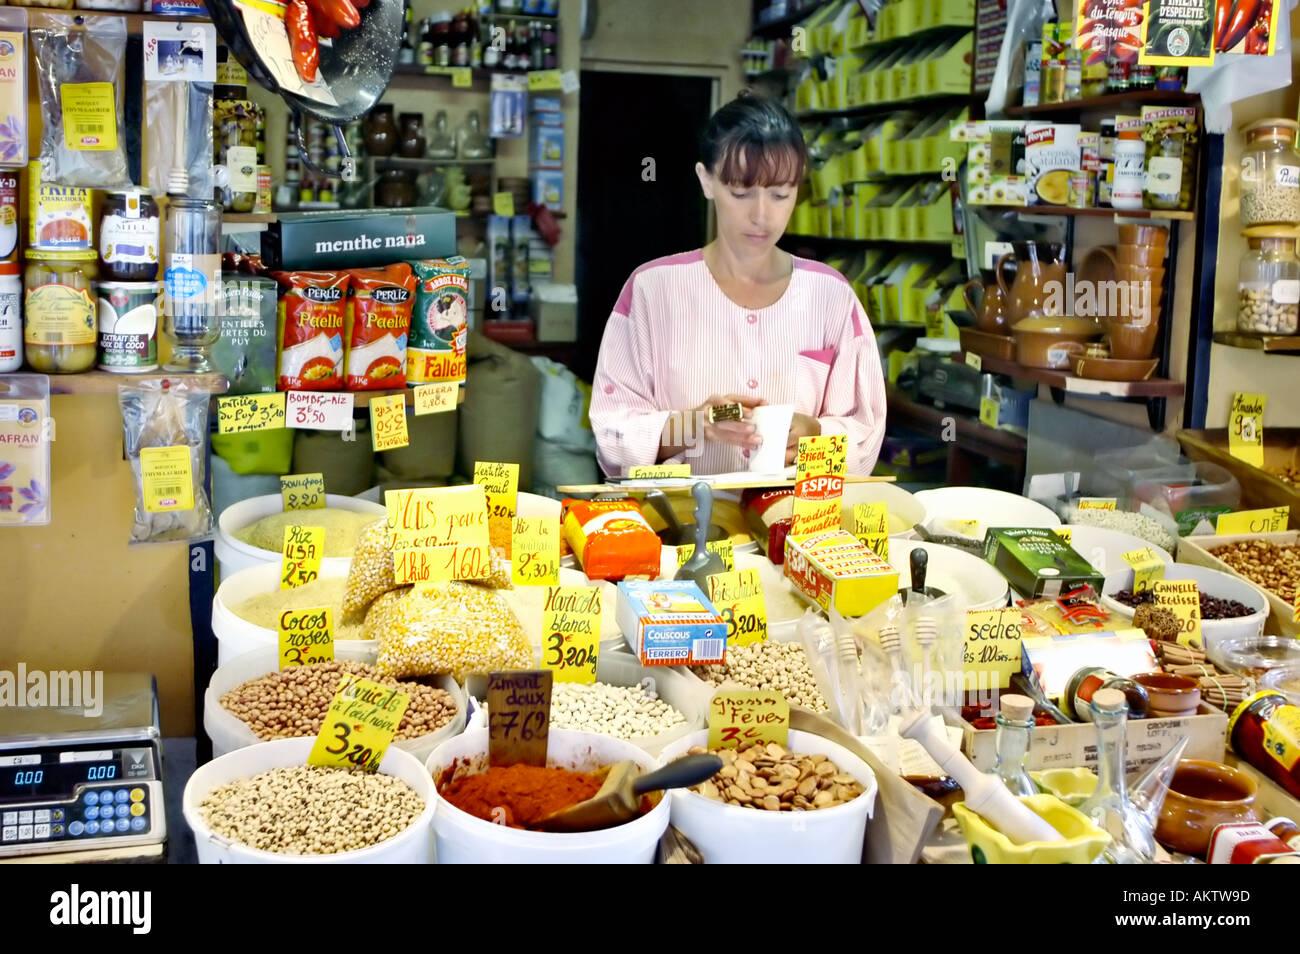 Perpignan, France, femme travaillant dans les petites épicerie locale Deli sur trottoir shop assistant, magasin local keeper Photo Stock